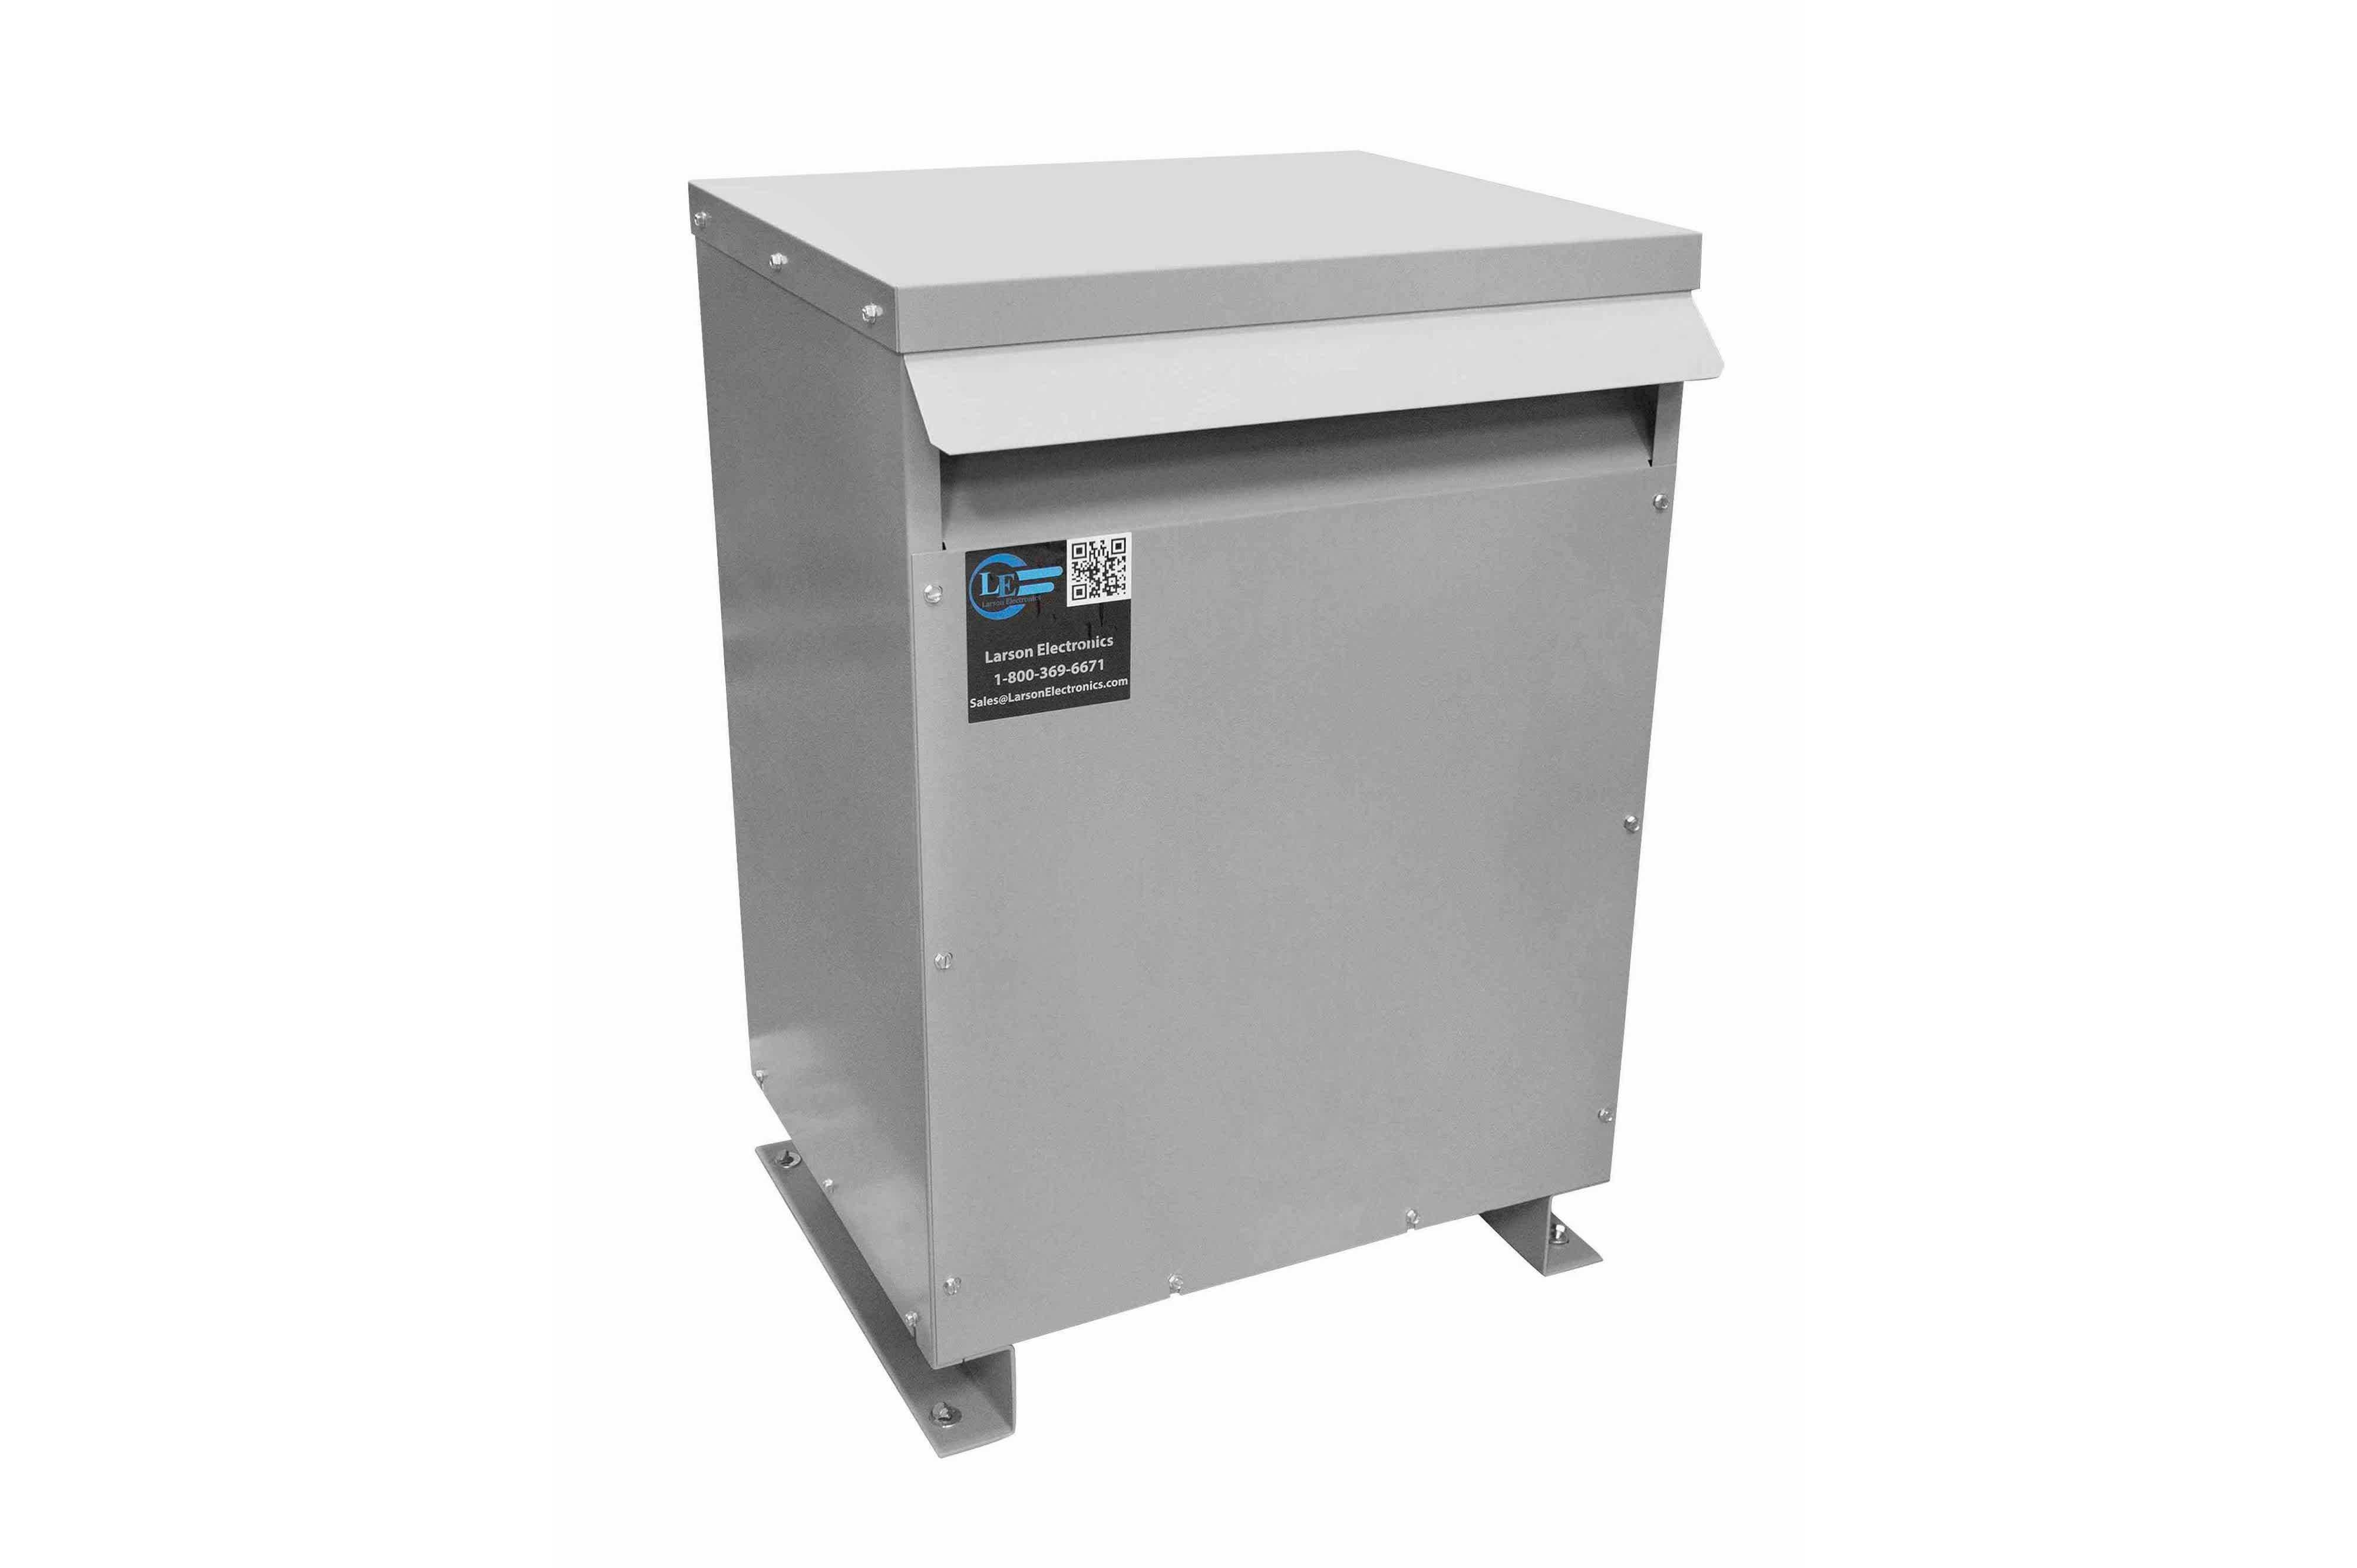 125 kVA 3PH Isolation Transformer, 208V Delta Primary, 208V Delta Secondary, N3R, Ventilated, 60 Hz